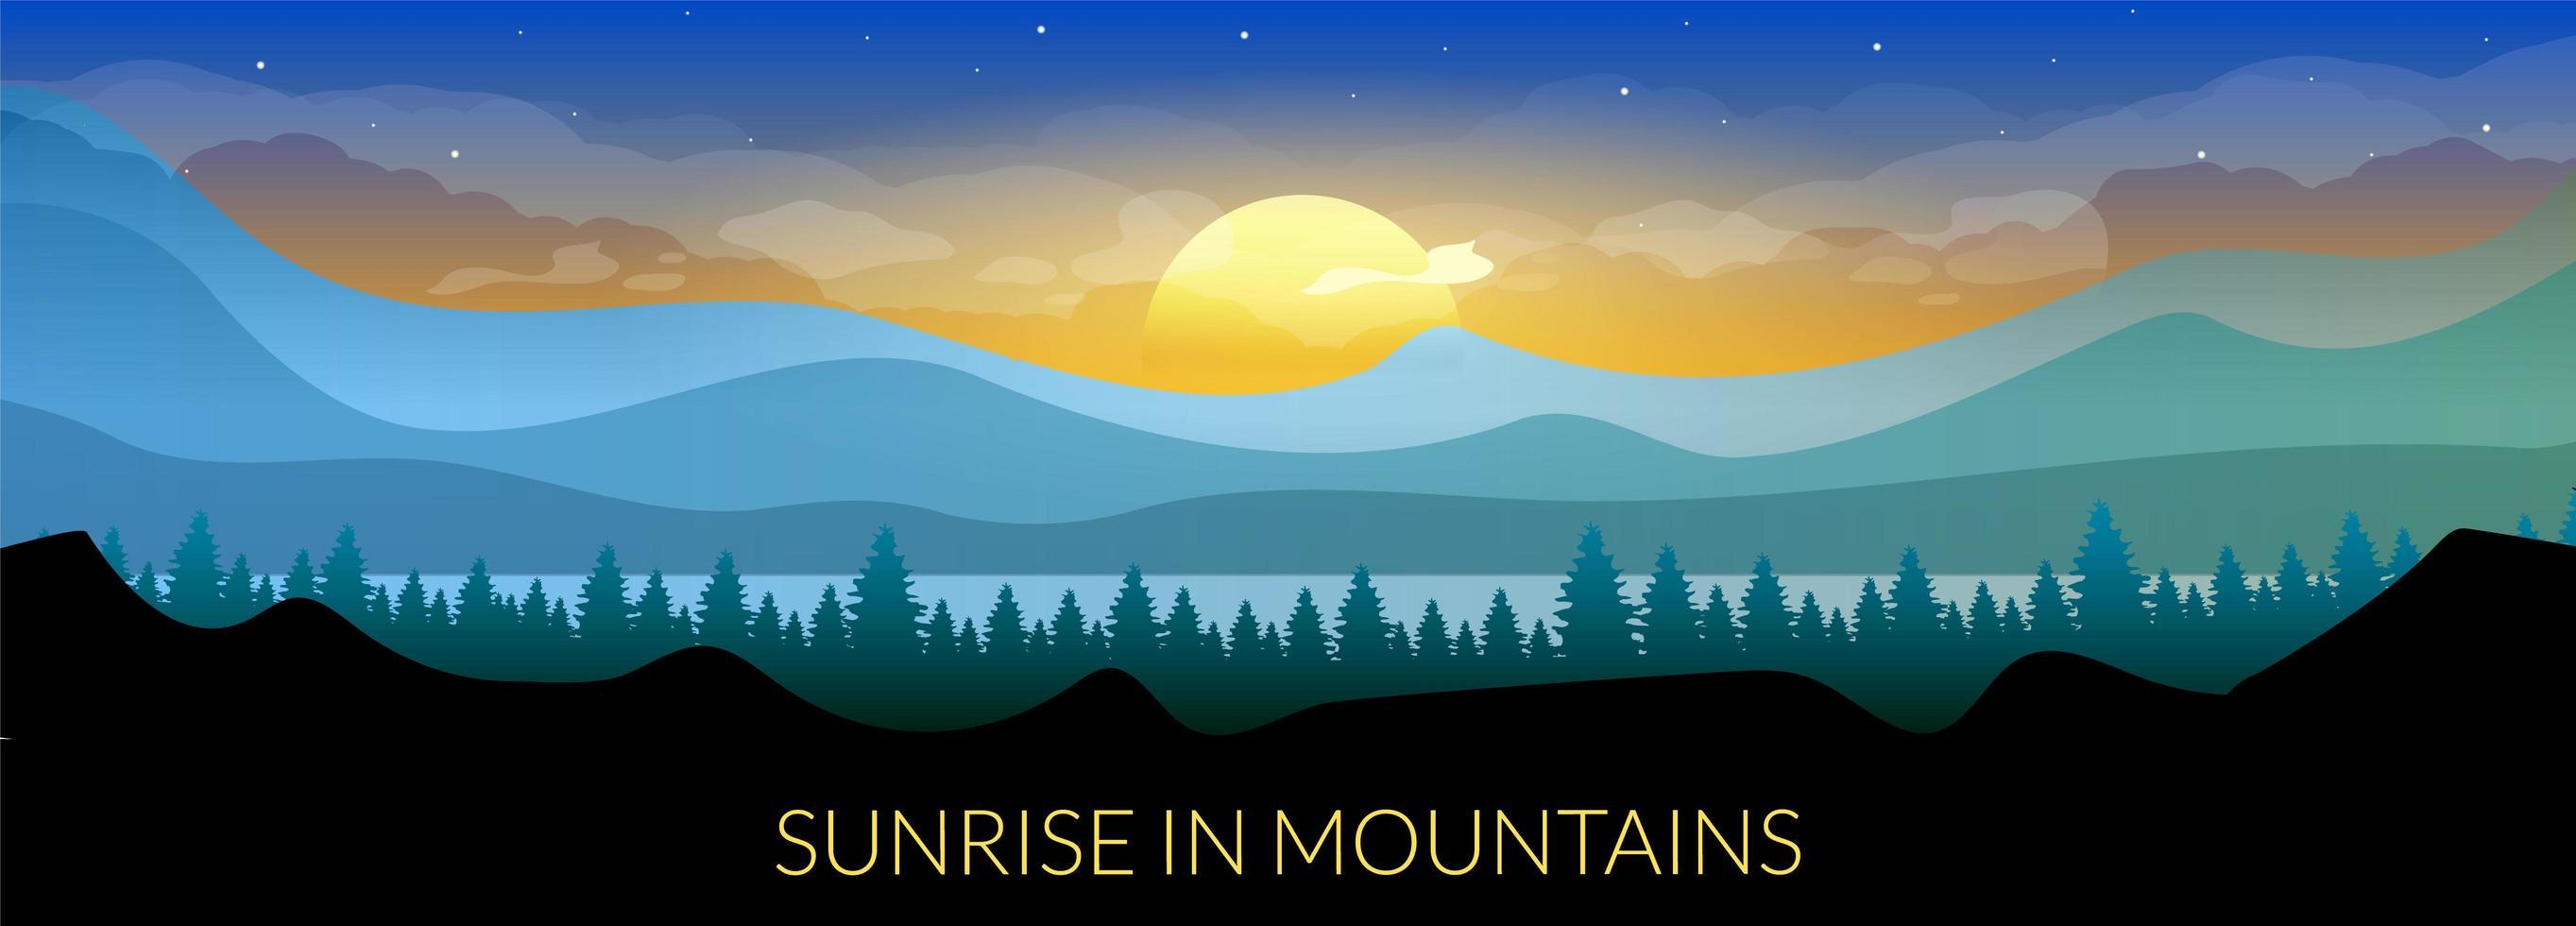 zonsopgang in de bergen vector